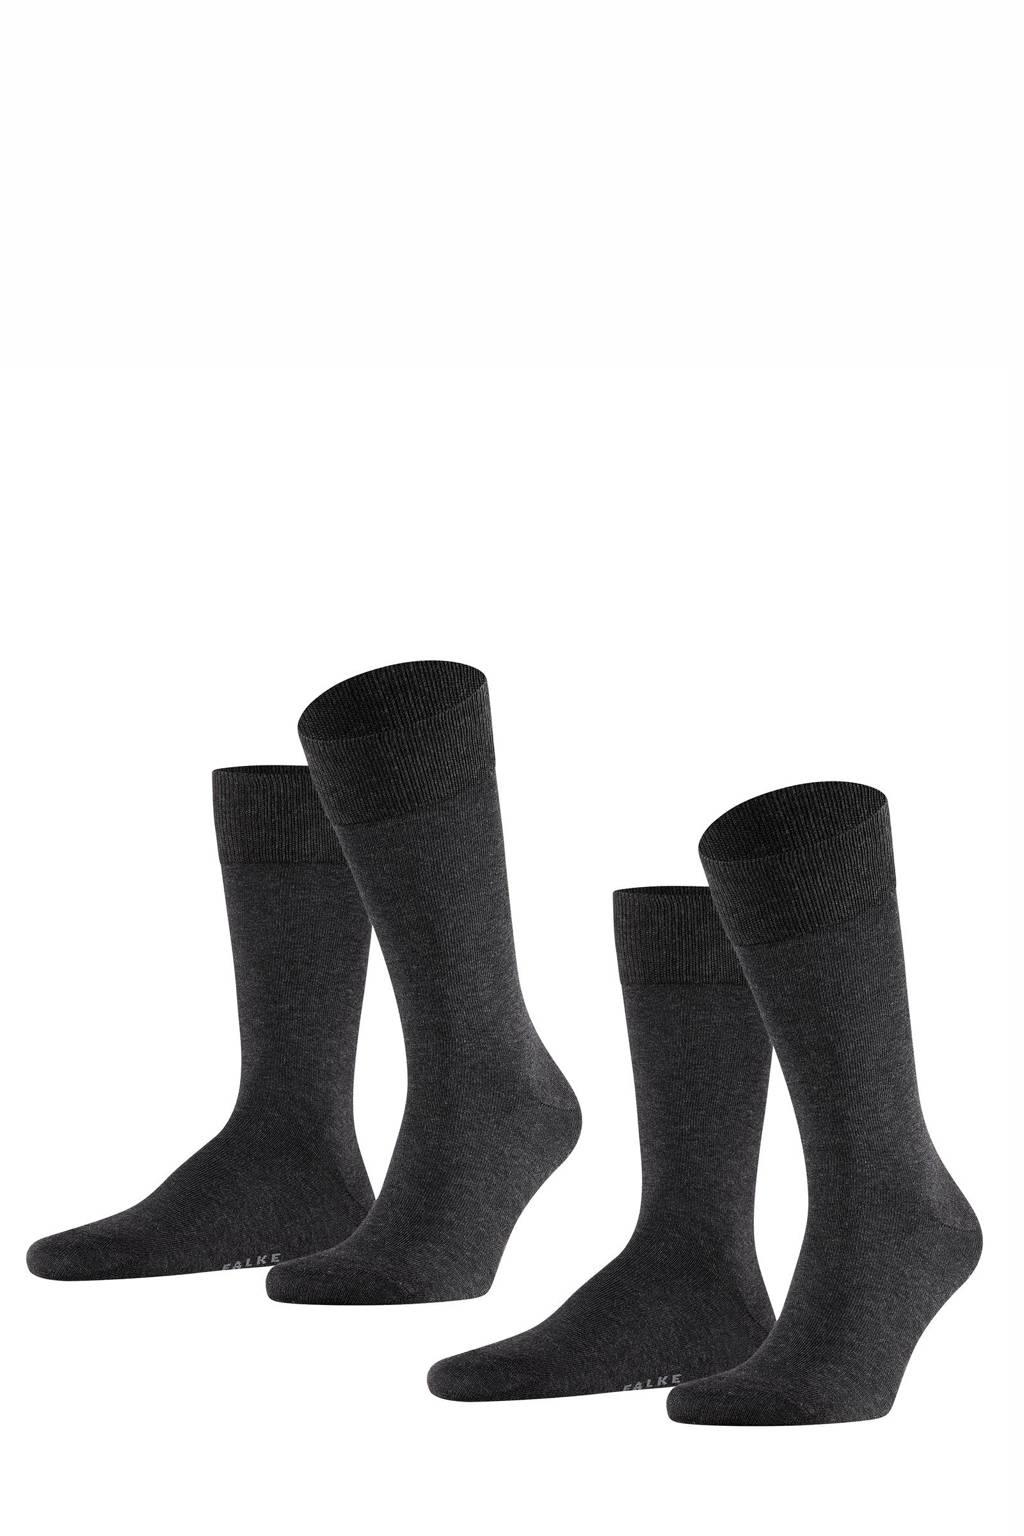 FALKE sokken antraciet, Antraciet